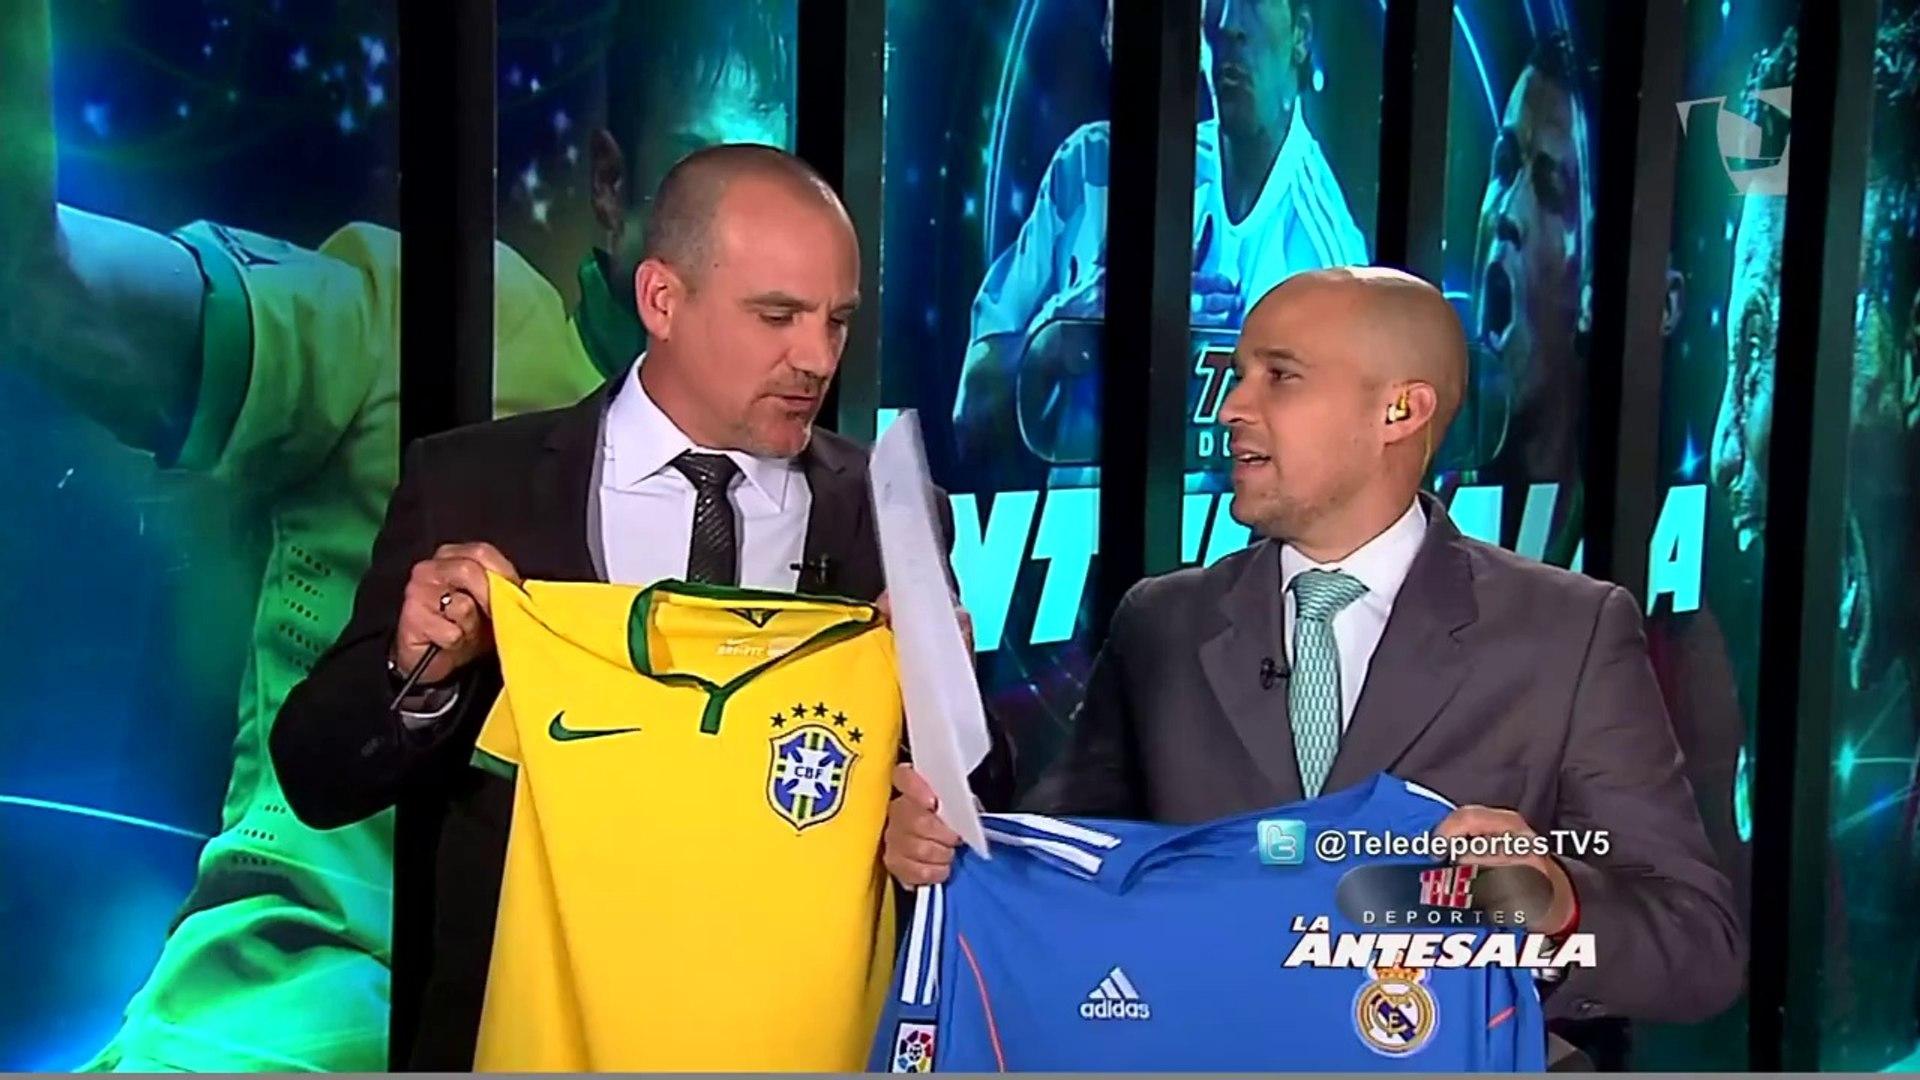 El triunfo de Alianza Lima y la fiesta del fútbol con la 'gringa' Boloña (2/2)